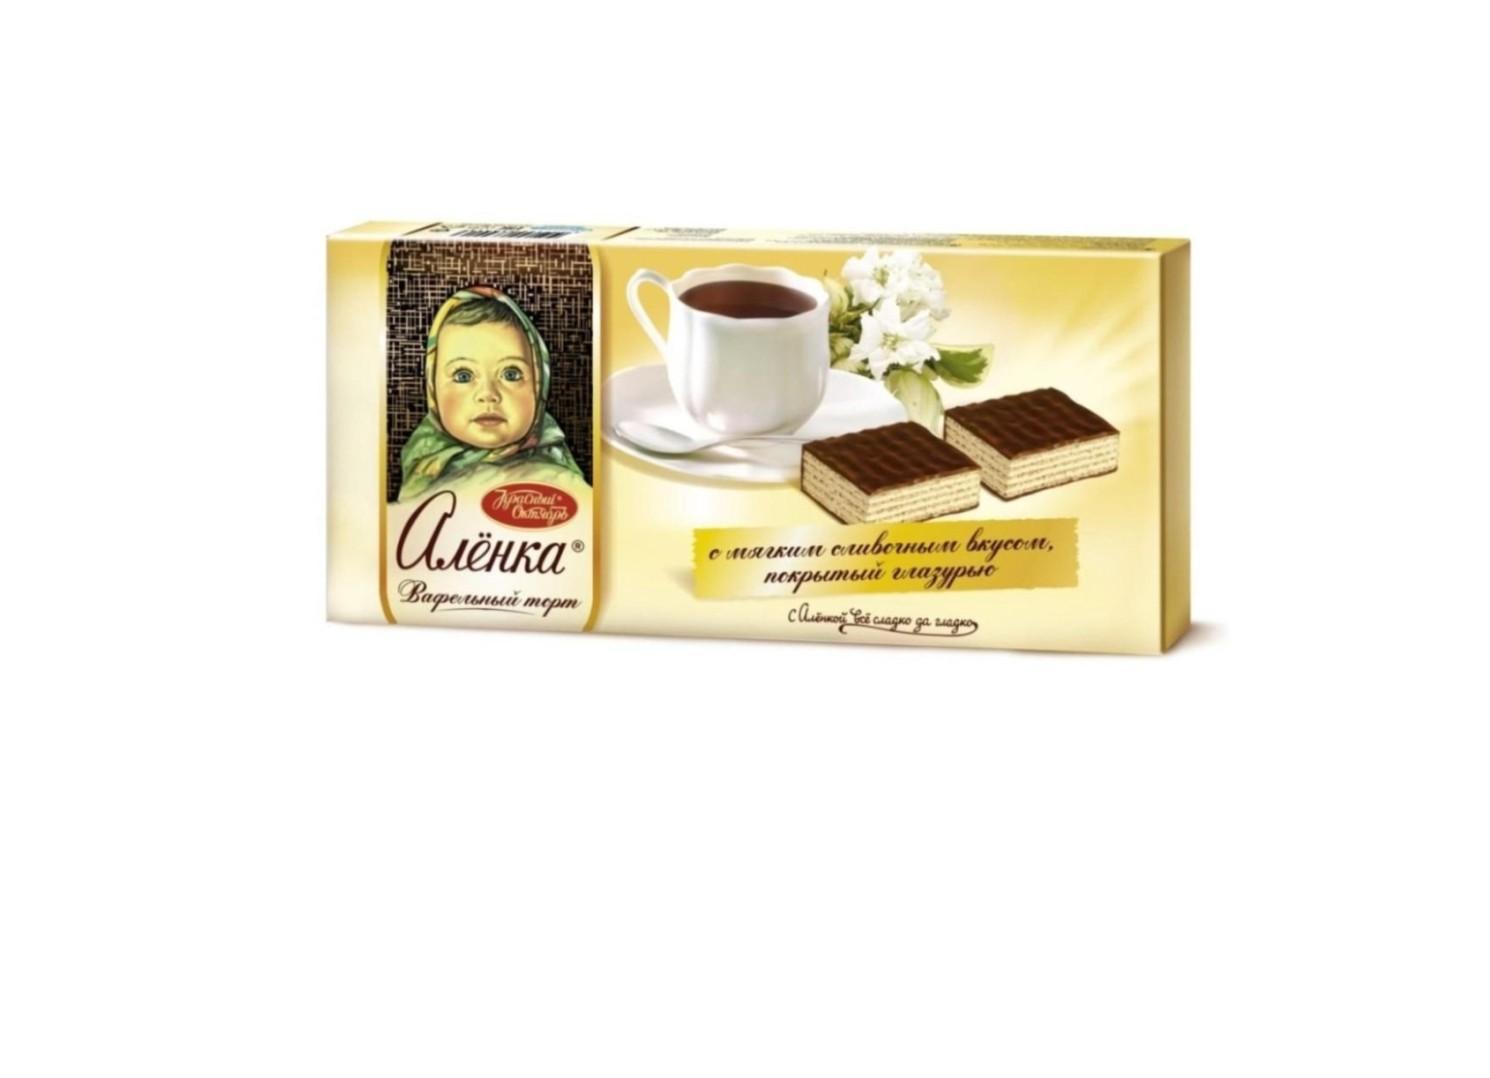 Торт Красный Октябрь Аленка вафельный 250г